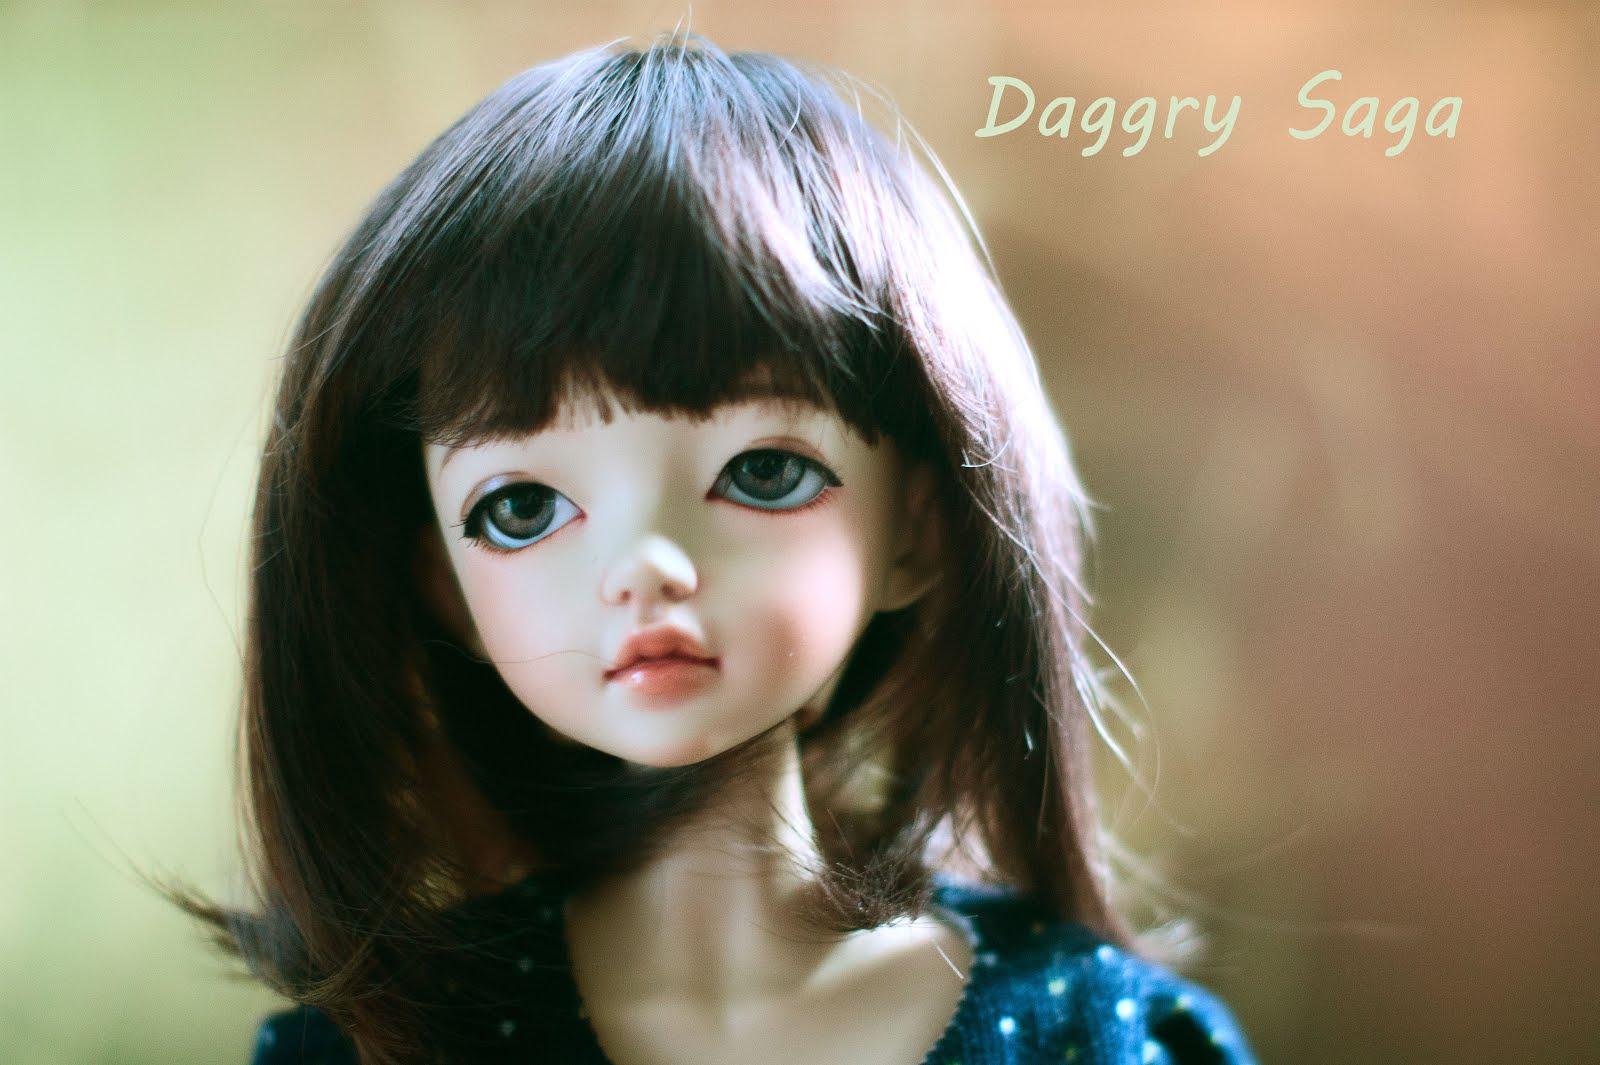 Daggry Saga